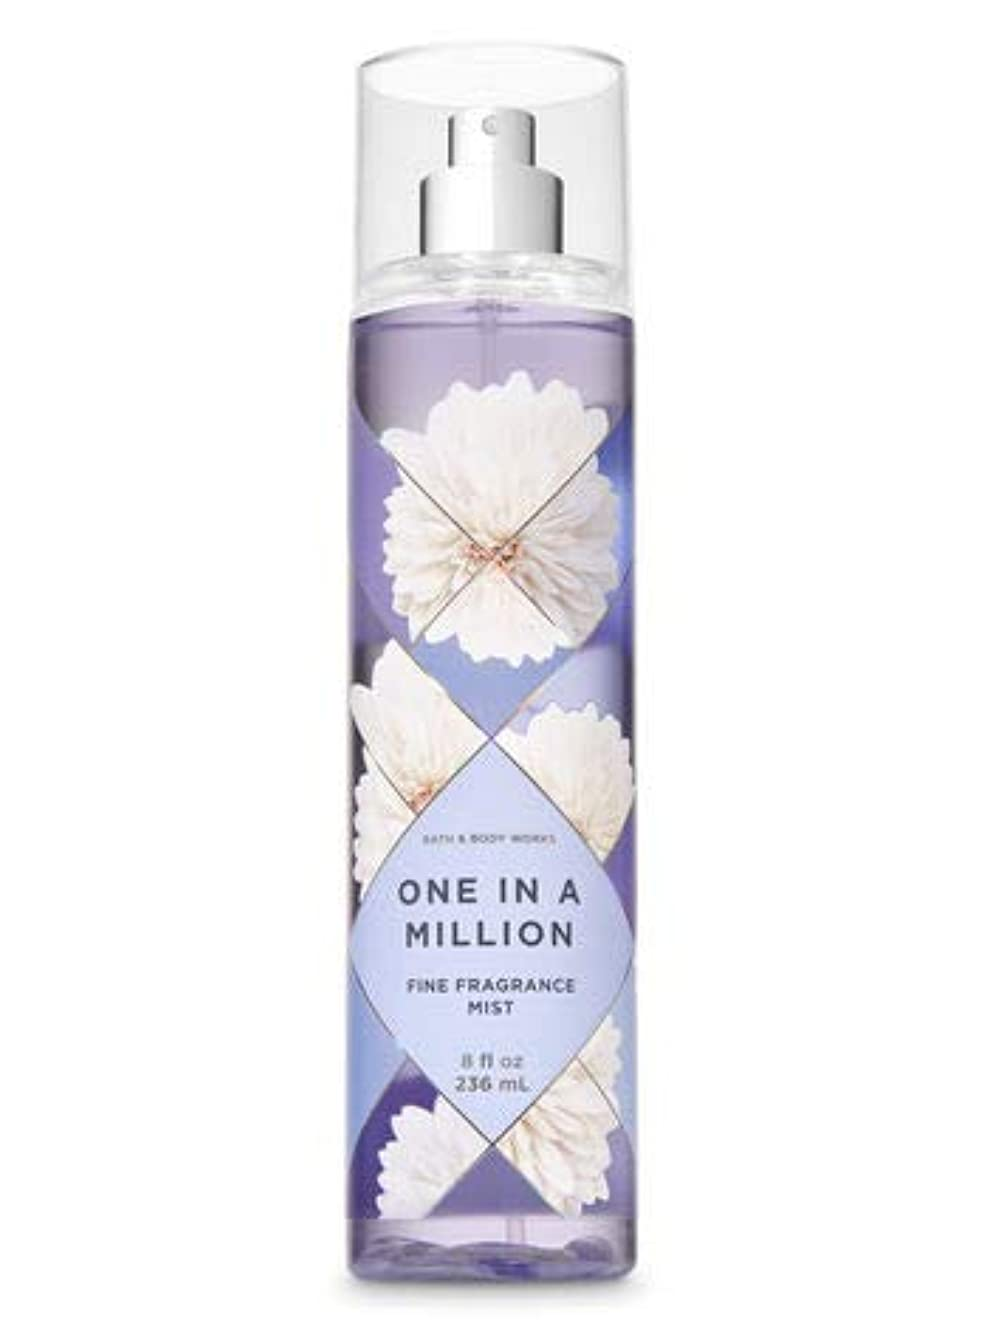 早いラケット落花生【Bath&Body Works/バス&ボディワークス】 ファインフレグランスミスト ワンインアミリオン Fine Fragrance Mist One in a Million 8oz (236ml) [並行輸入品]